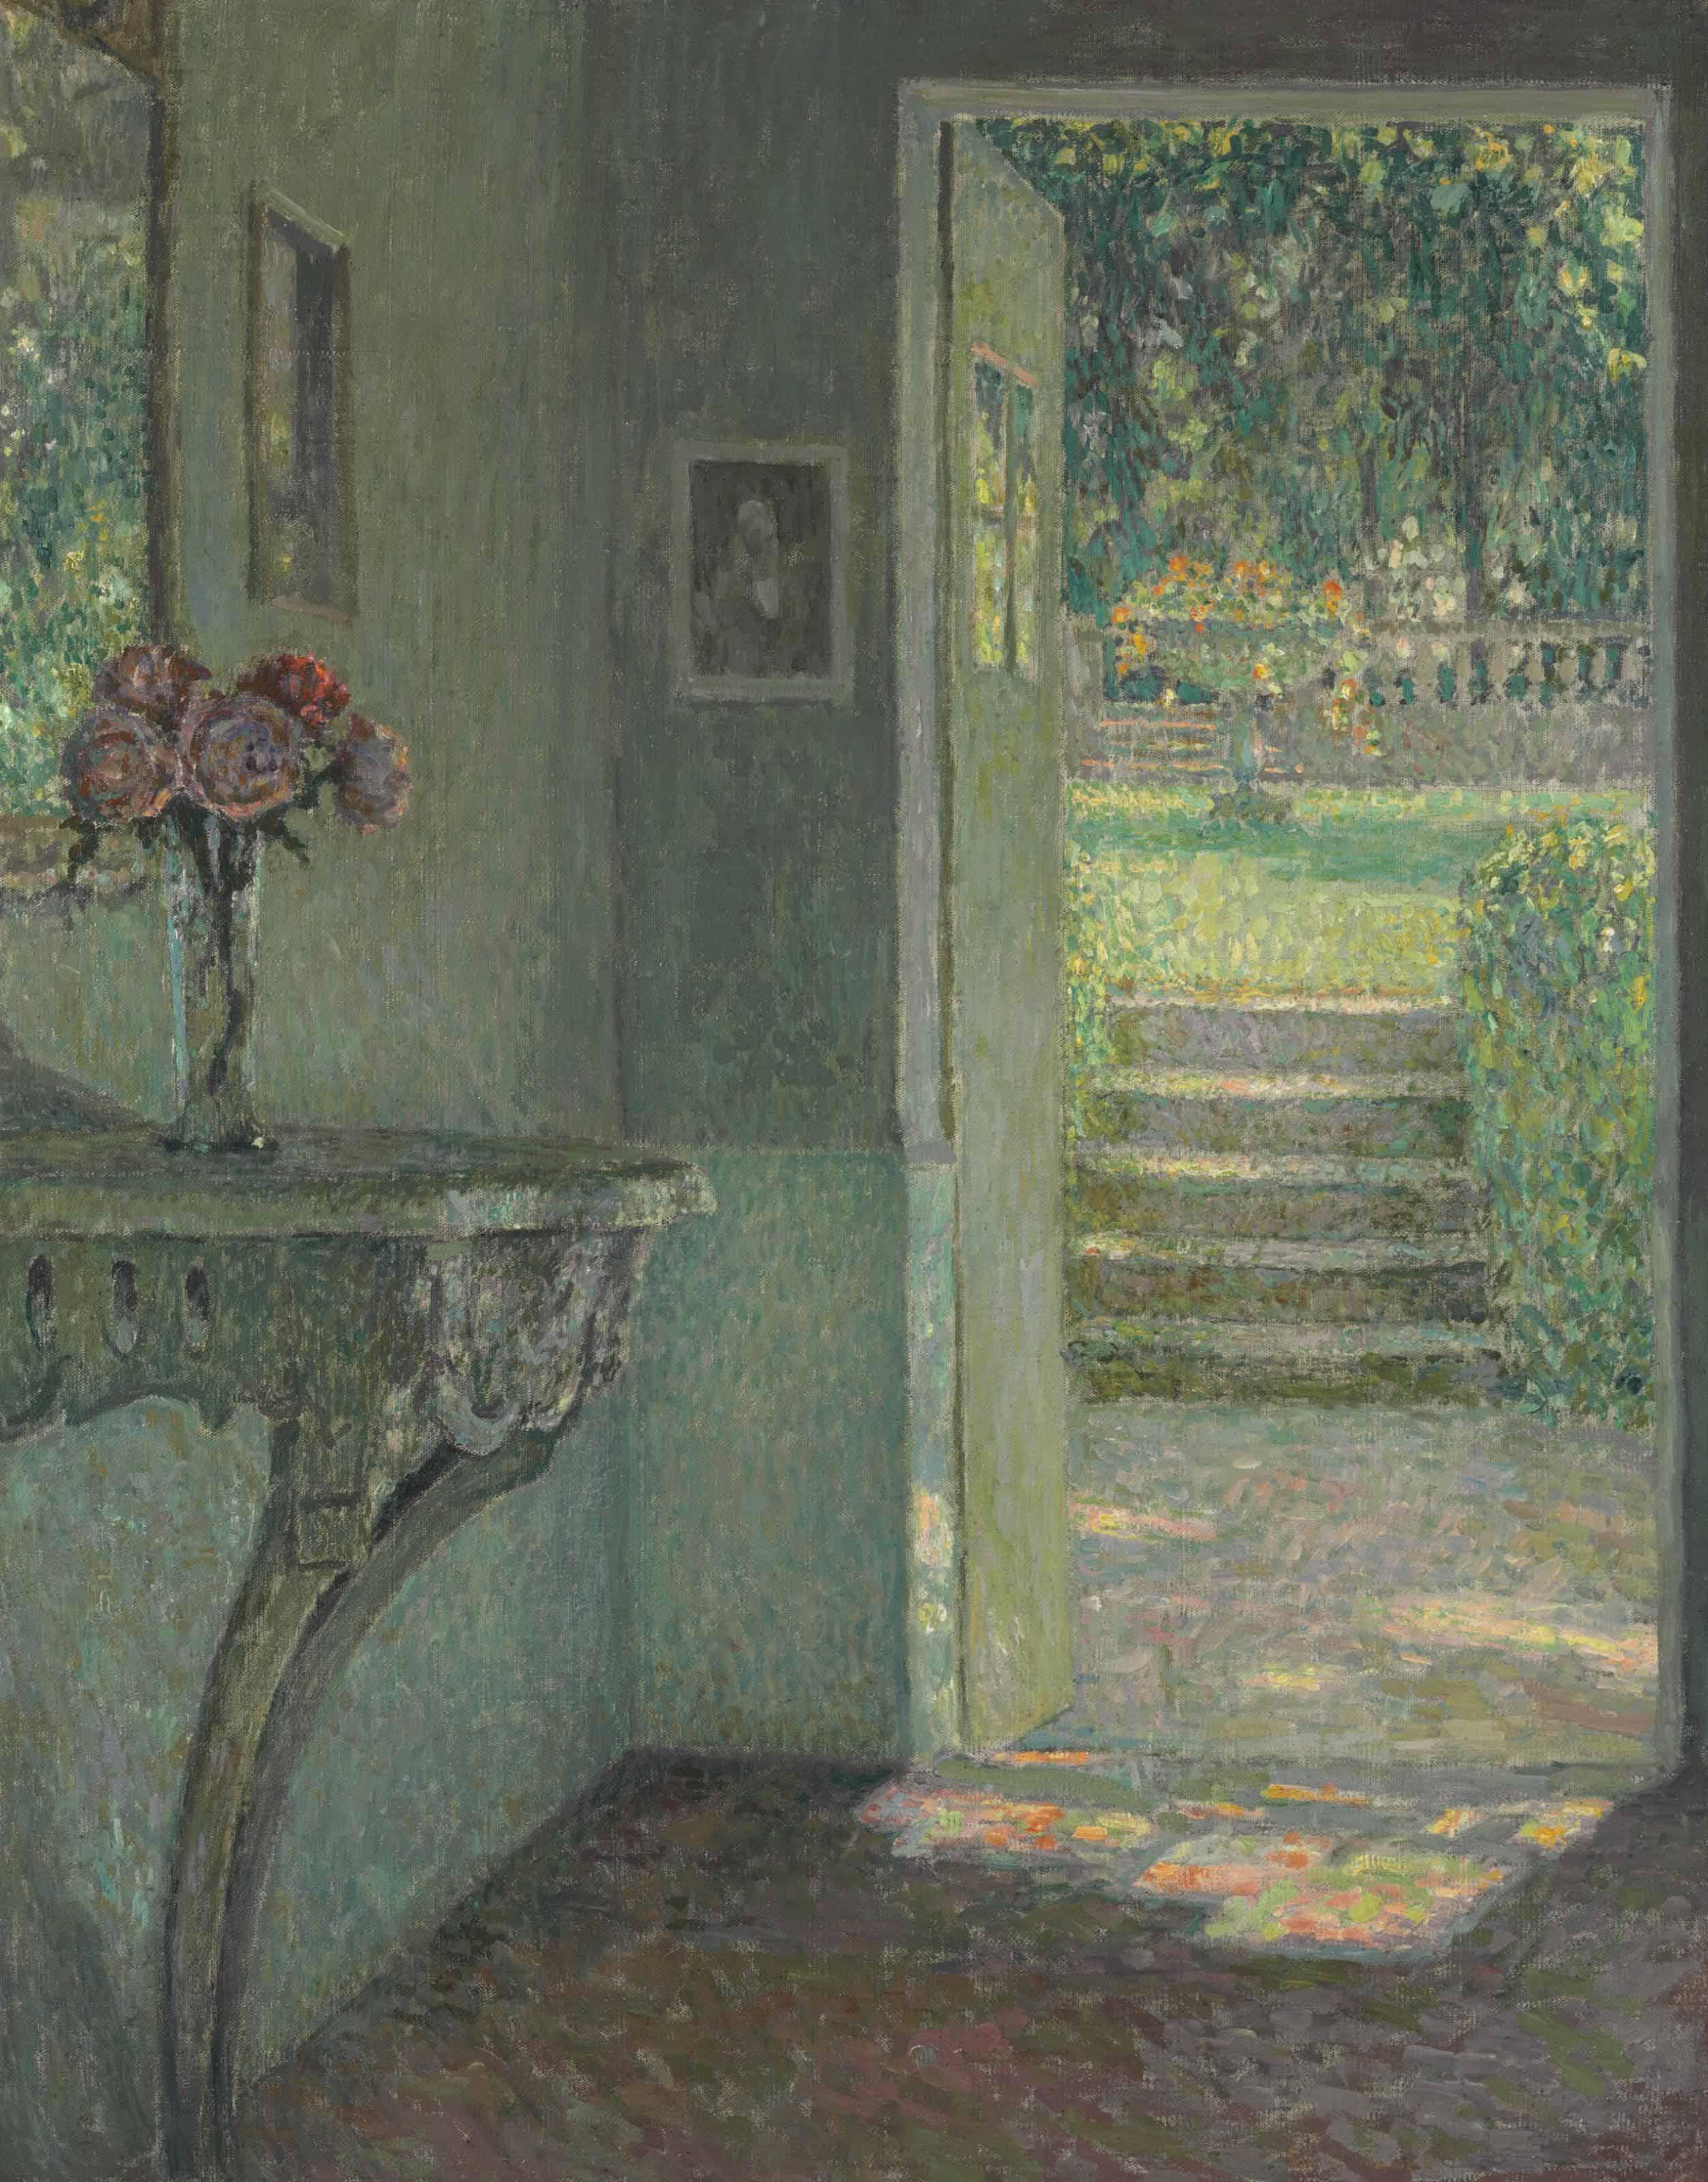 La porte du jardin, La console